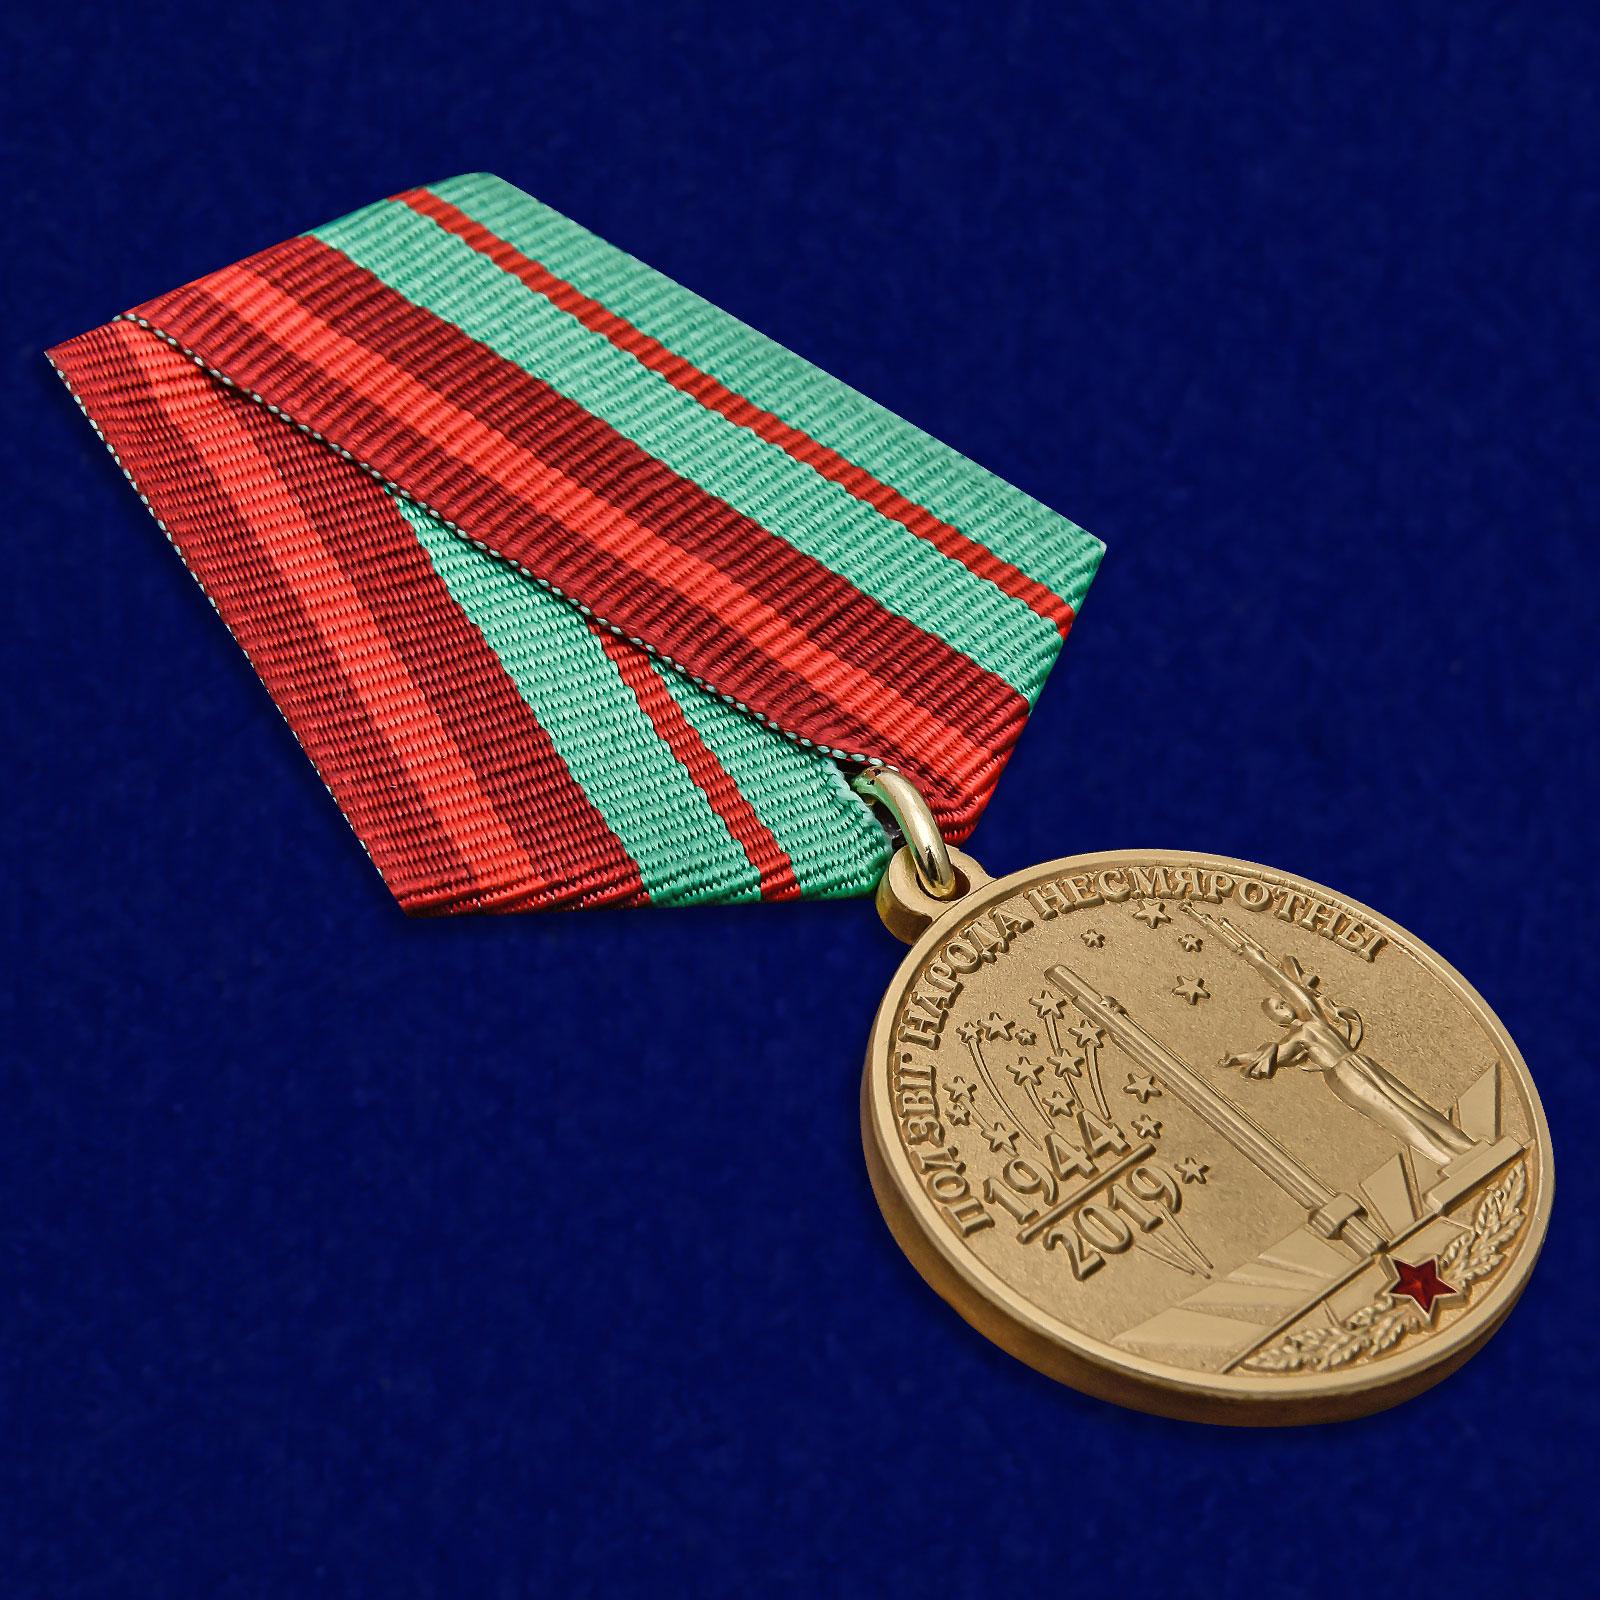 Латунная медаль 75 лет освобождения Беларуси от немецко-фашистских захватчиков - общий вид